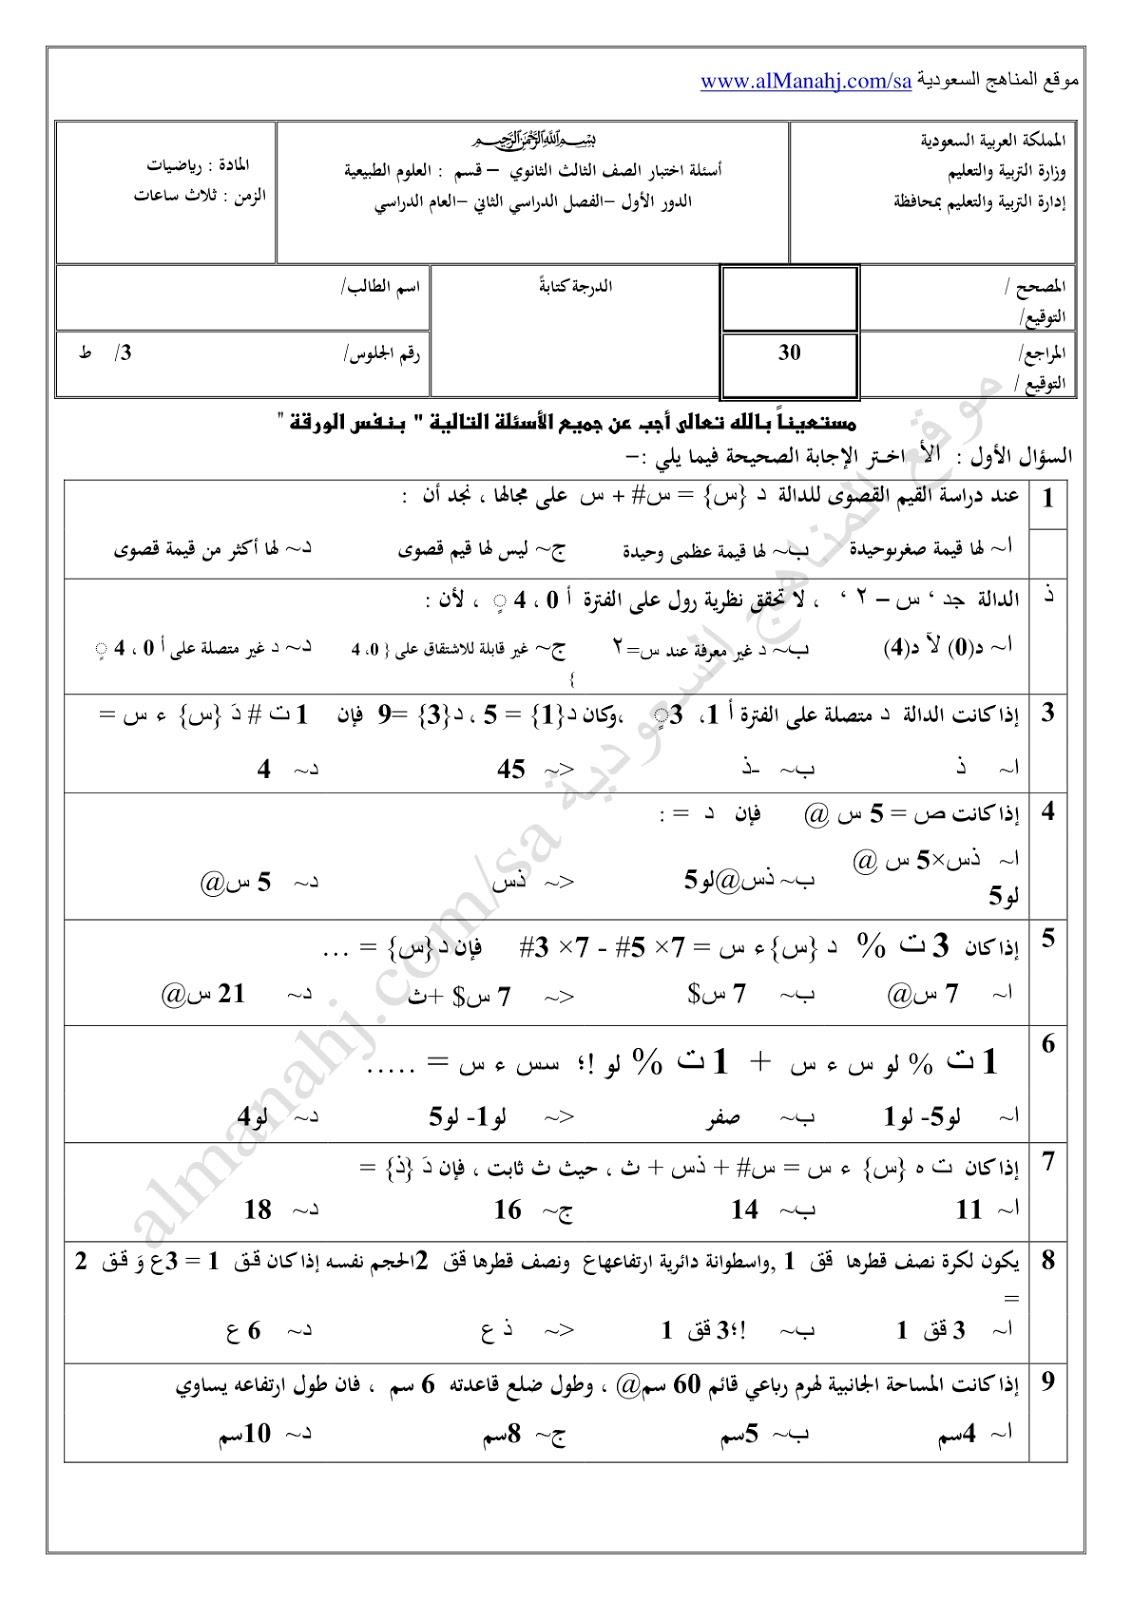 اسئلة اختبار رياضيات المستوى السادس رياضيات الفصل الثاني المناهج السعودية